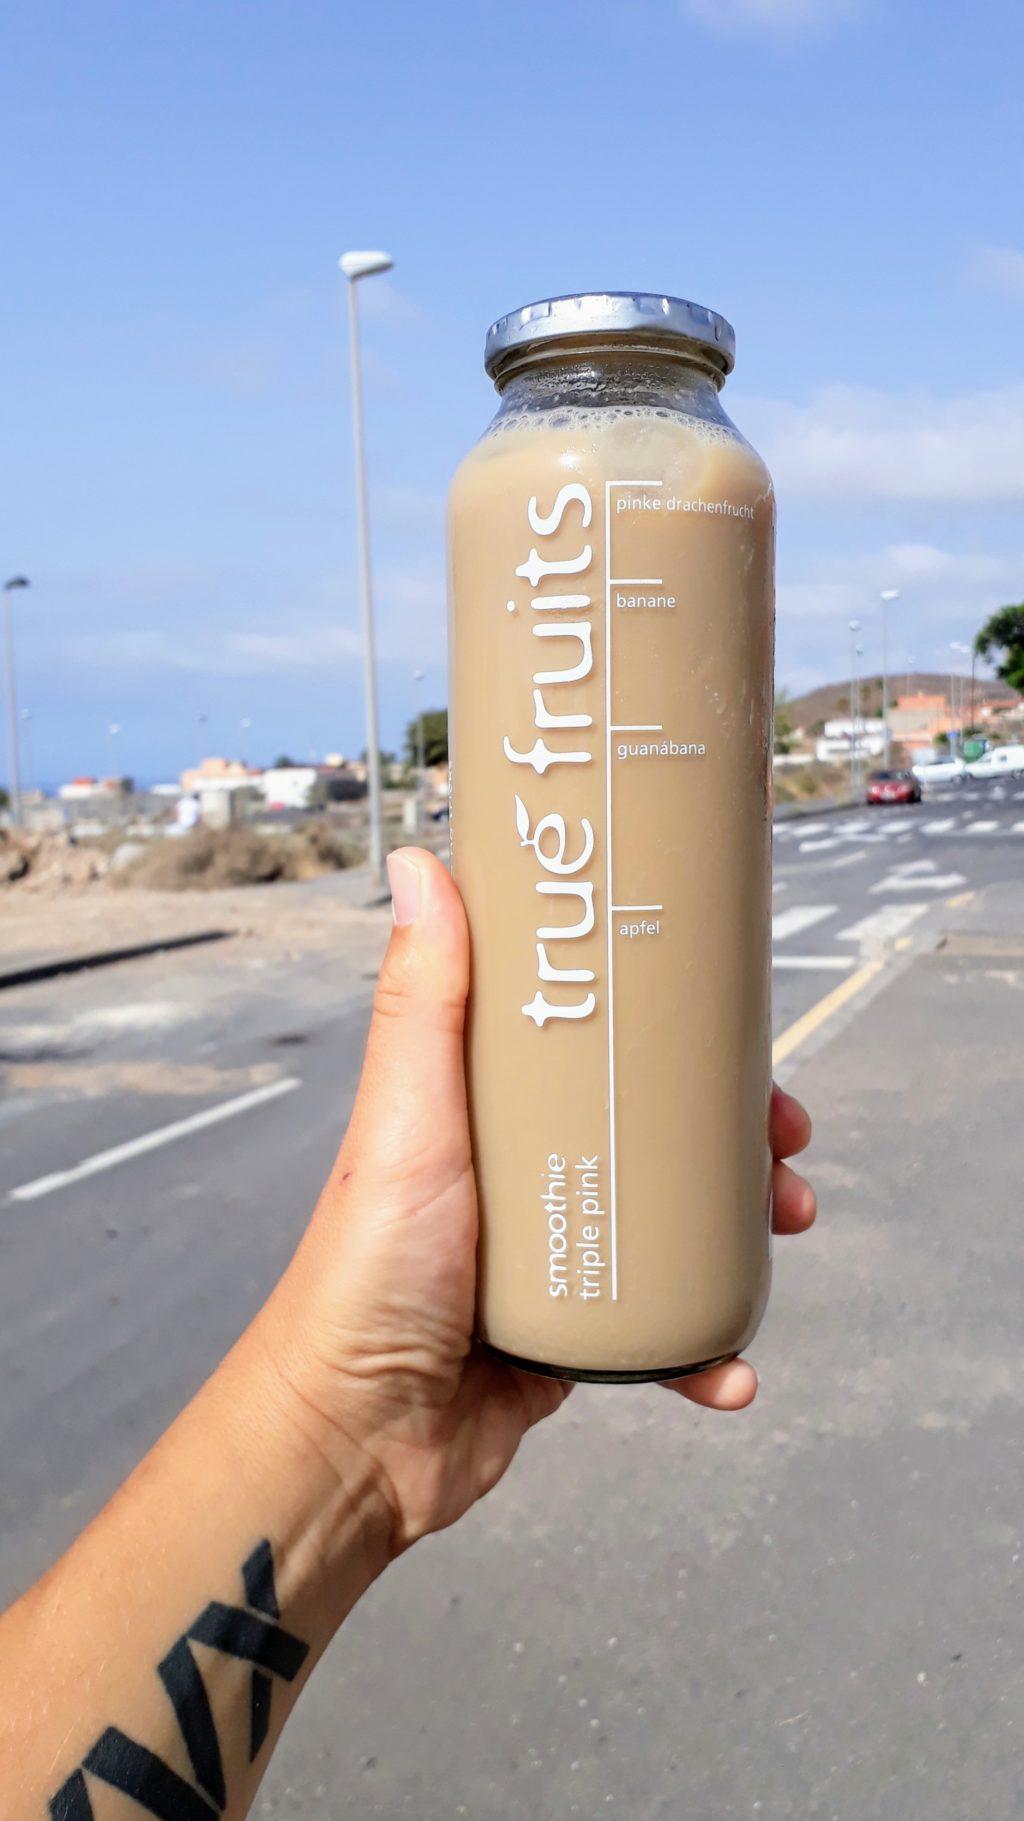 Yum: El café embotellado puede alegrar el cuerpo y la mente en una caminata agotadora